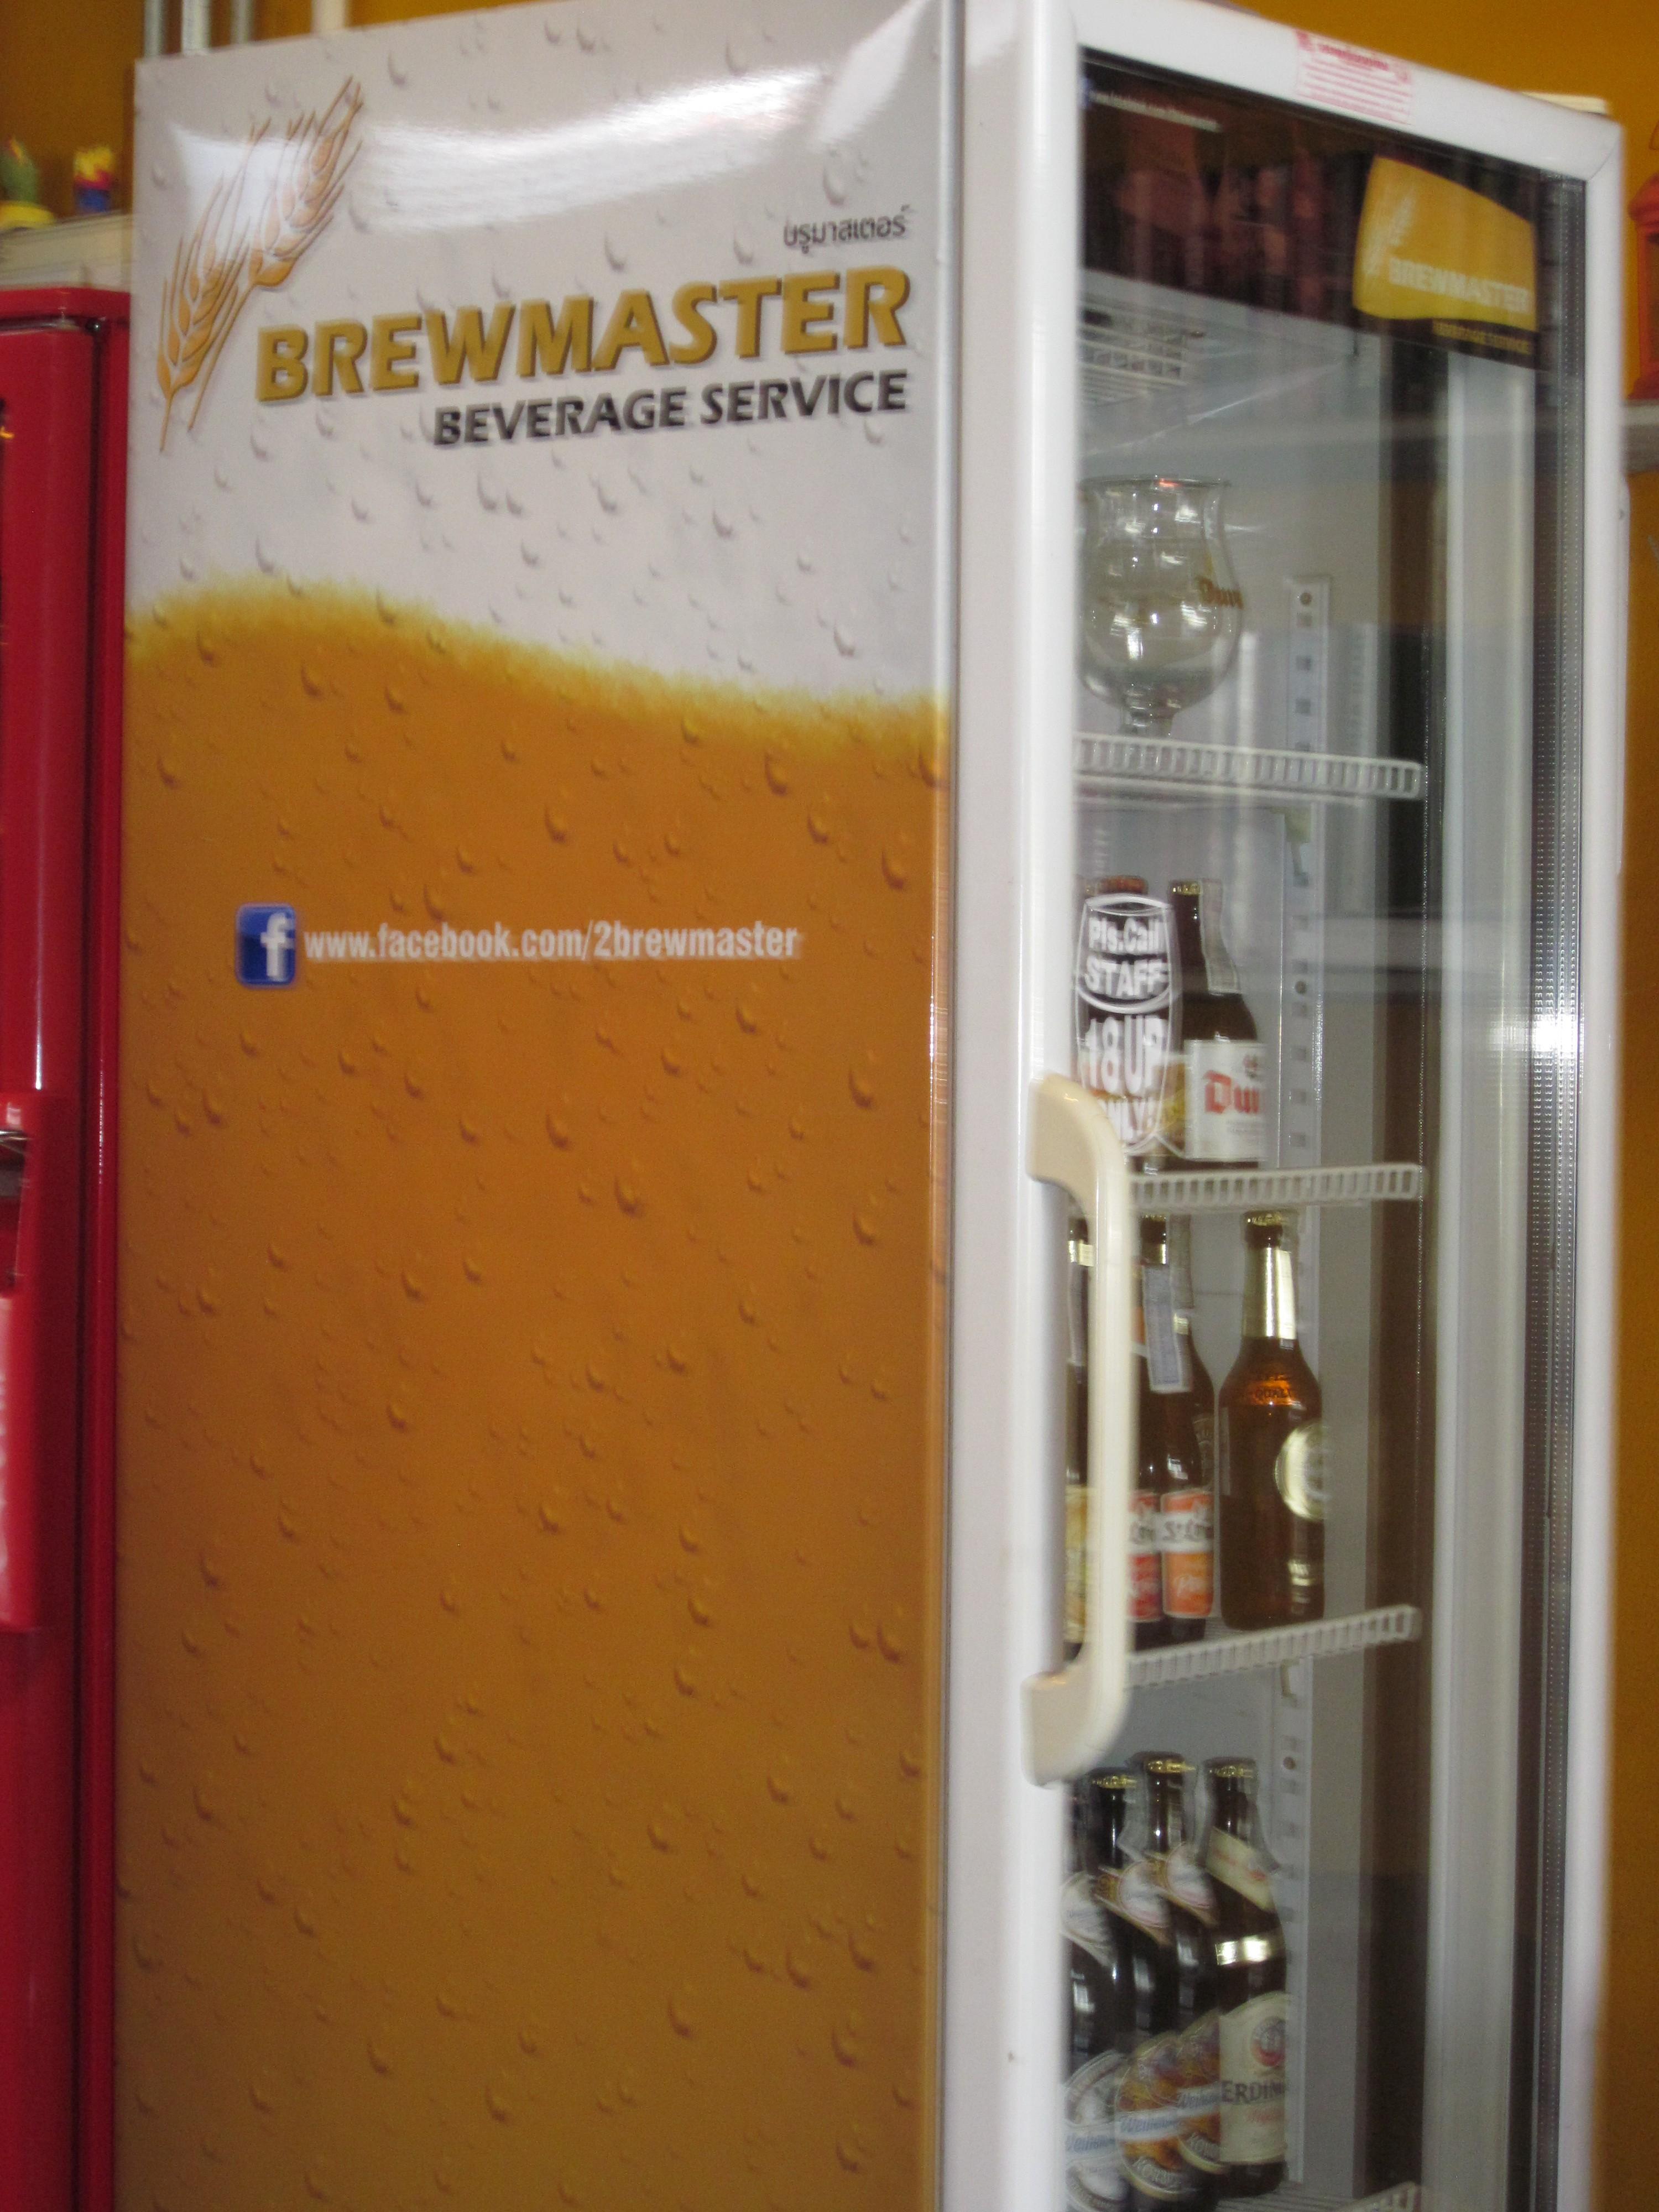 Koelkast van Brewmaster in Trang